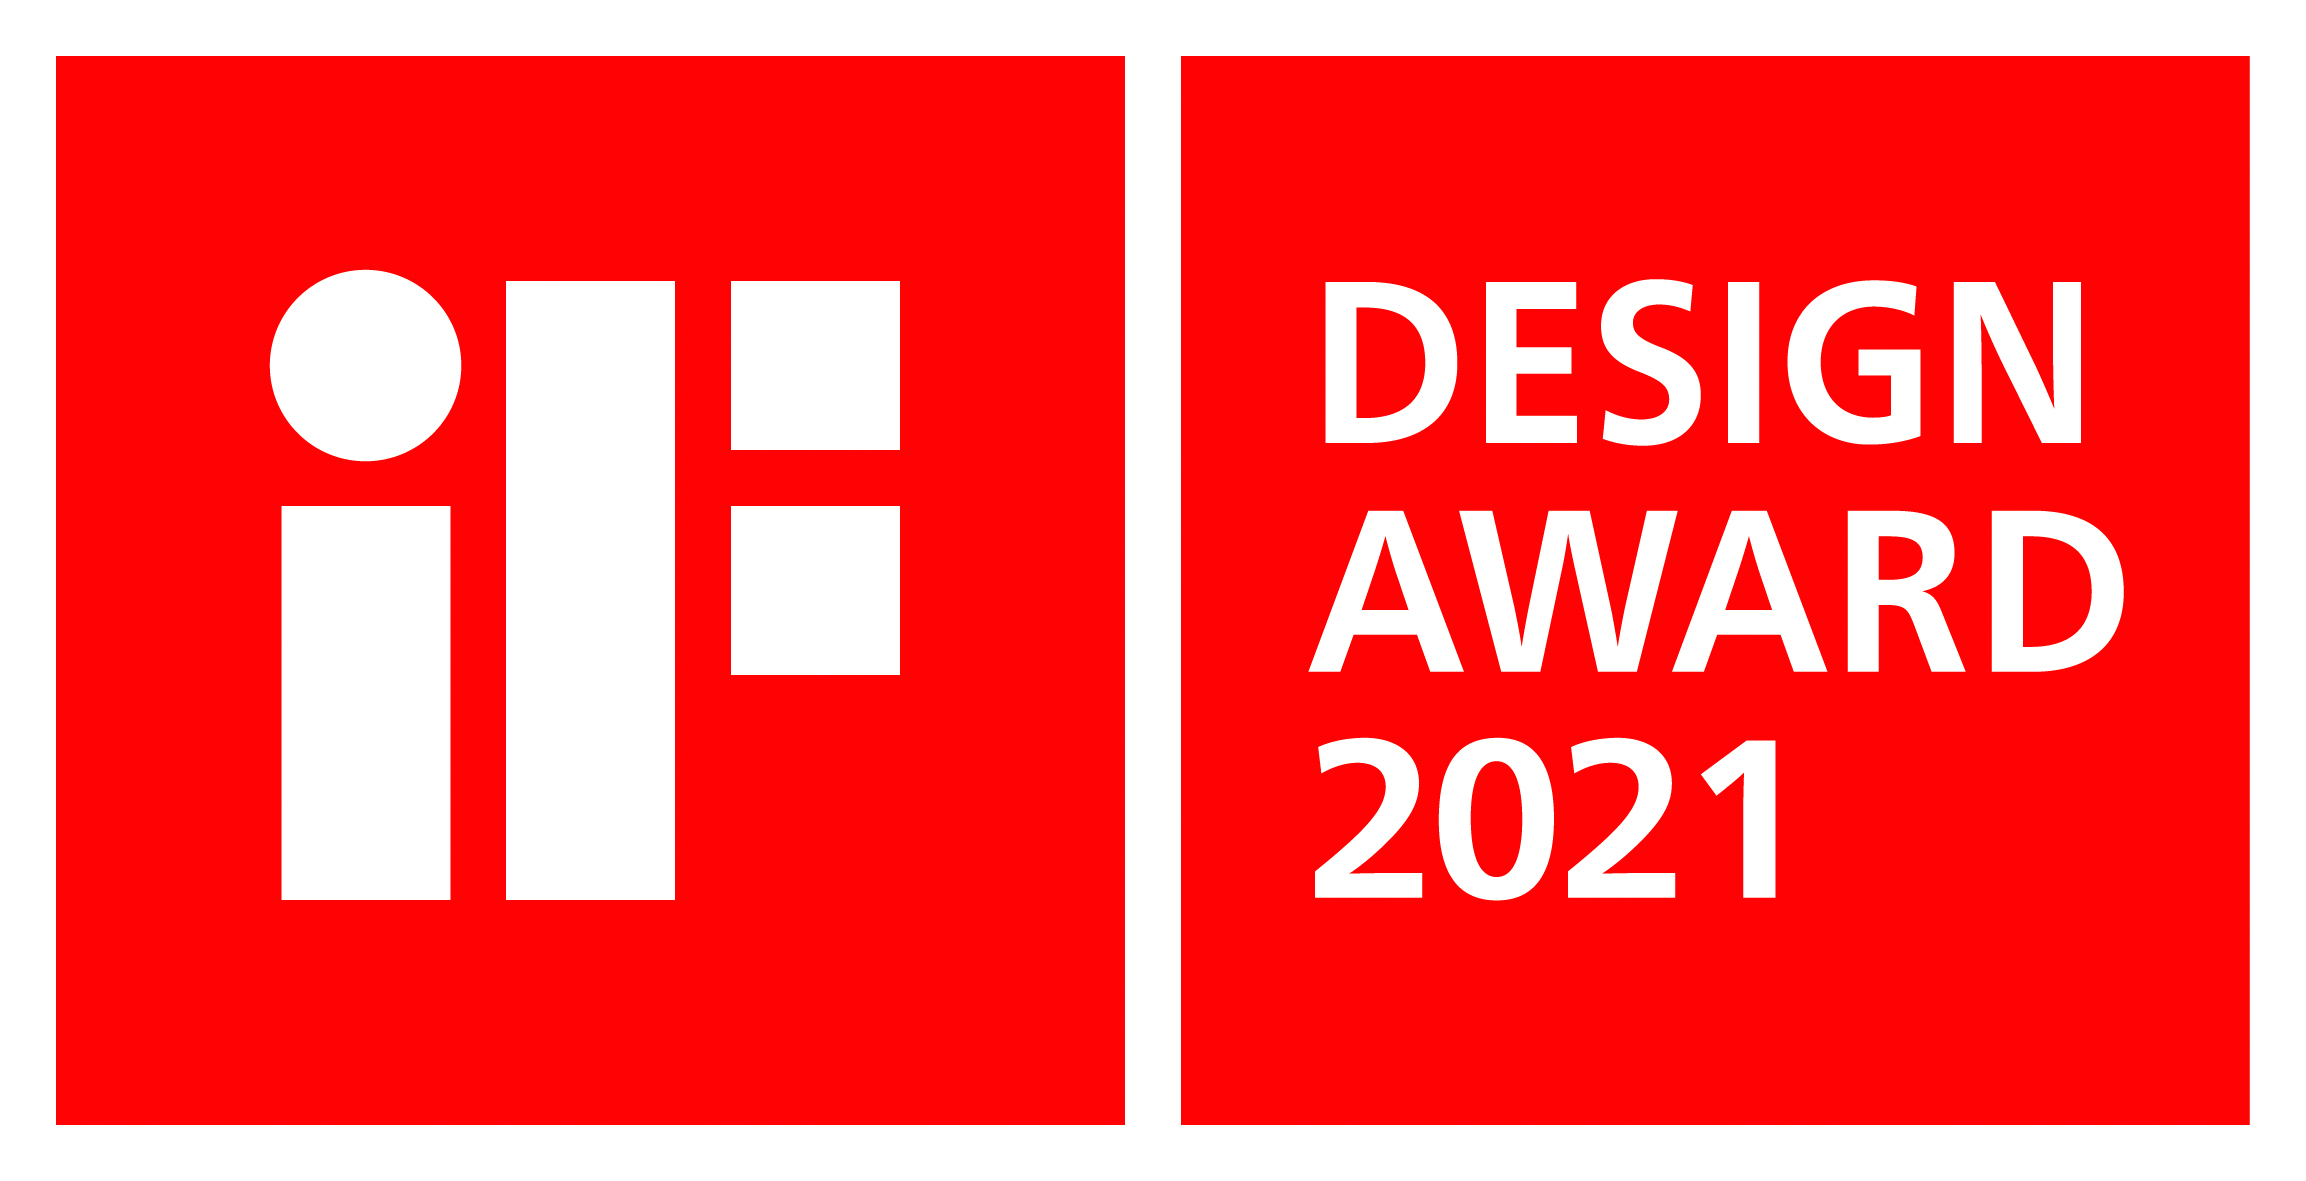 Mit dem IF DESIGN AWARD erhält das persönliche Videokonferenzsystem Poly Studio P15 einen weiteren bedeutenden Design-Preis